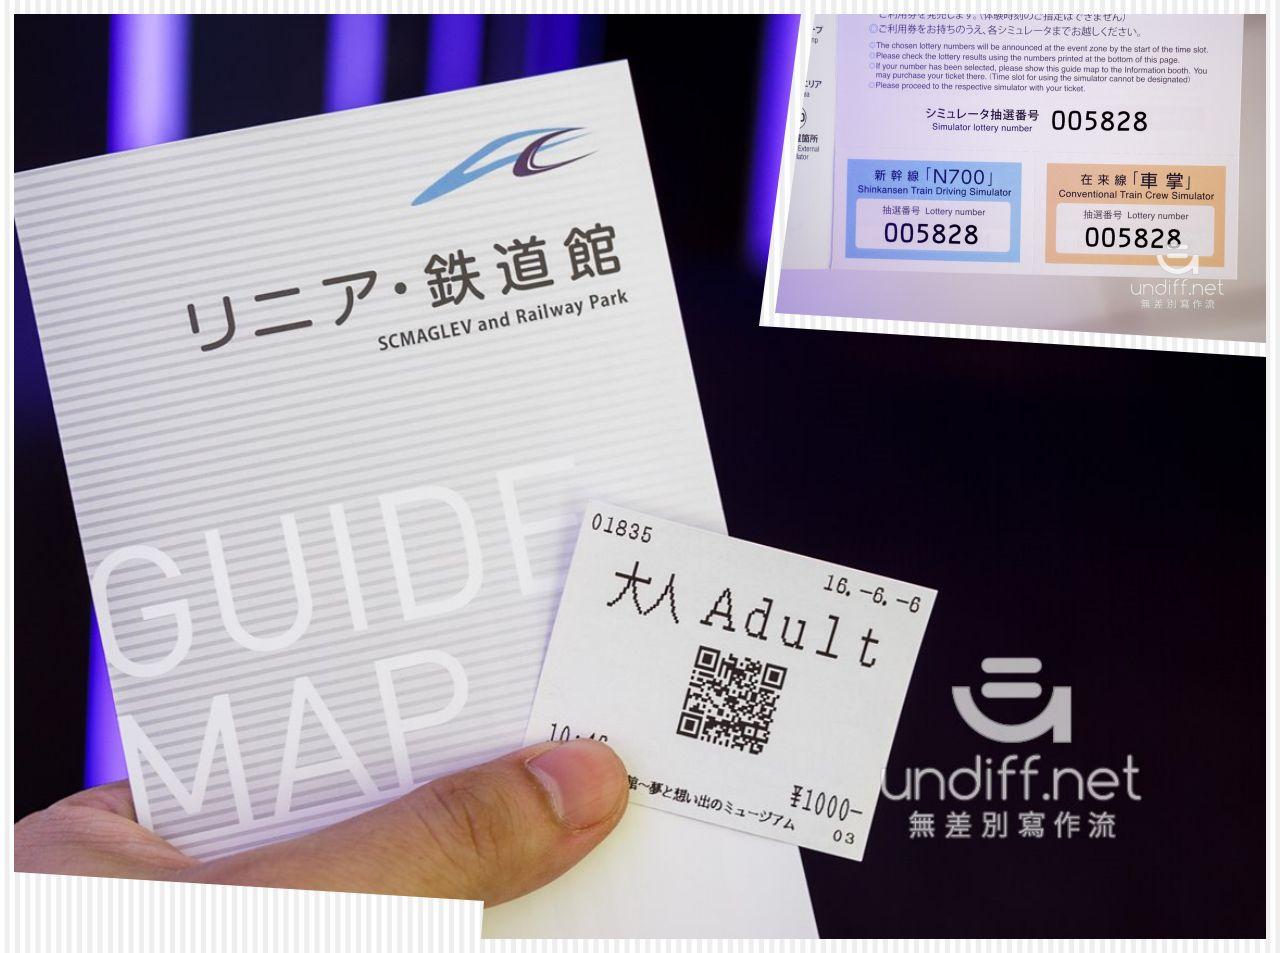 【名古屋景點】JR磁浮鐵道館 》體驗鐵道歷史與科技進步的軌跡 14